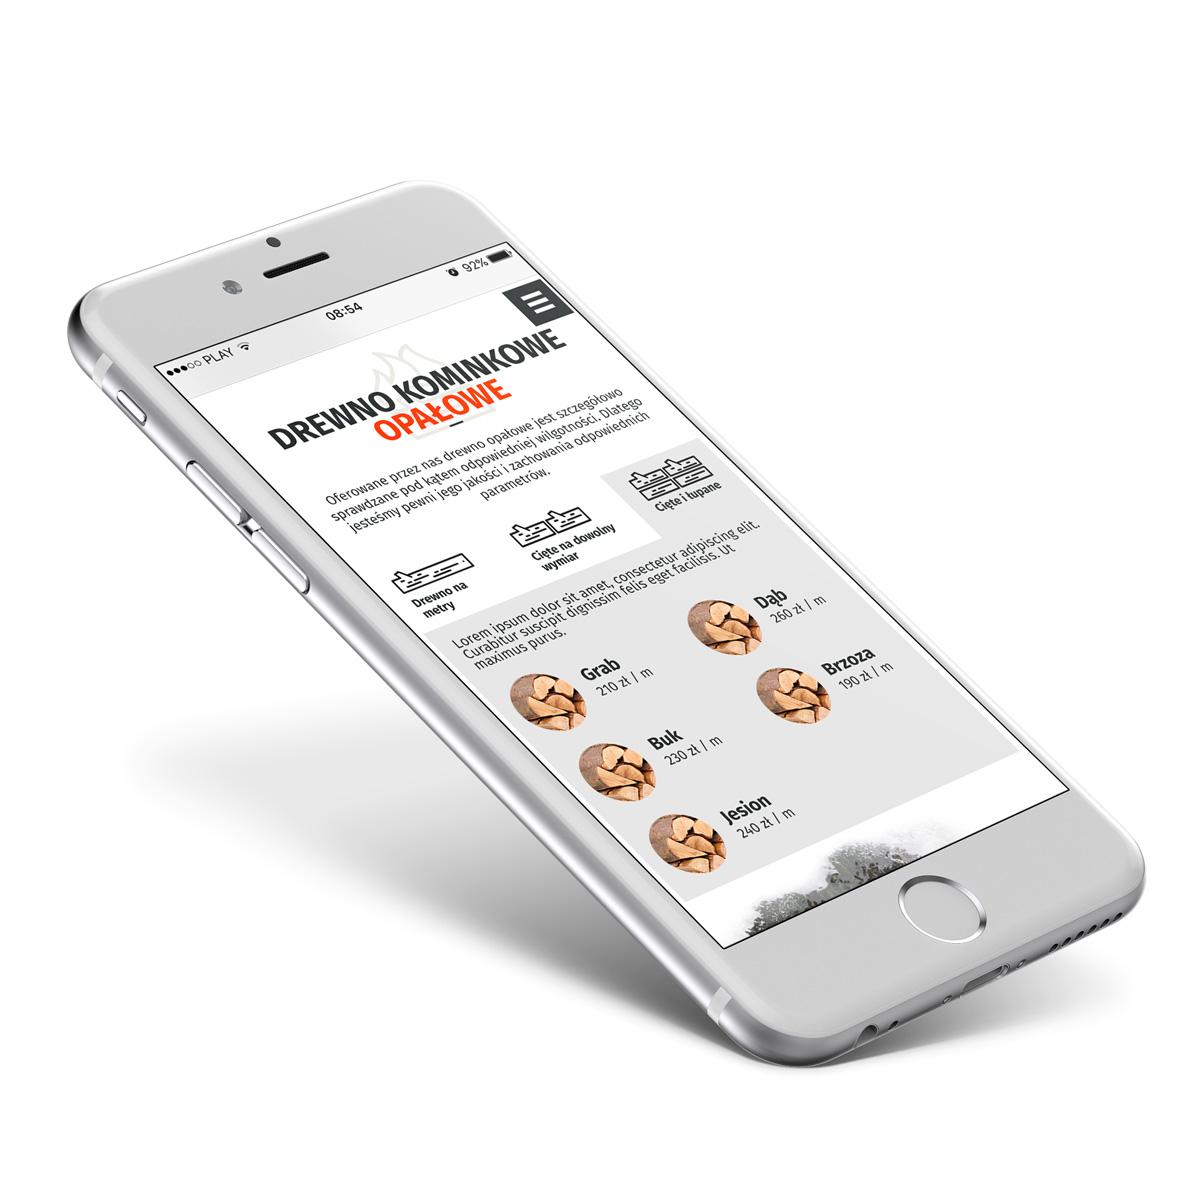 Drewnopol - strona internetowa responsywna RWD w wersji mobilnej iphone